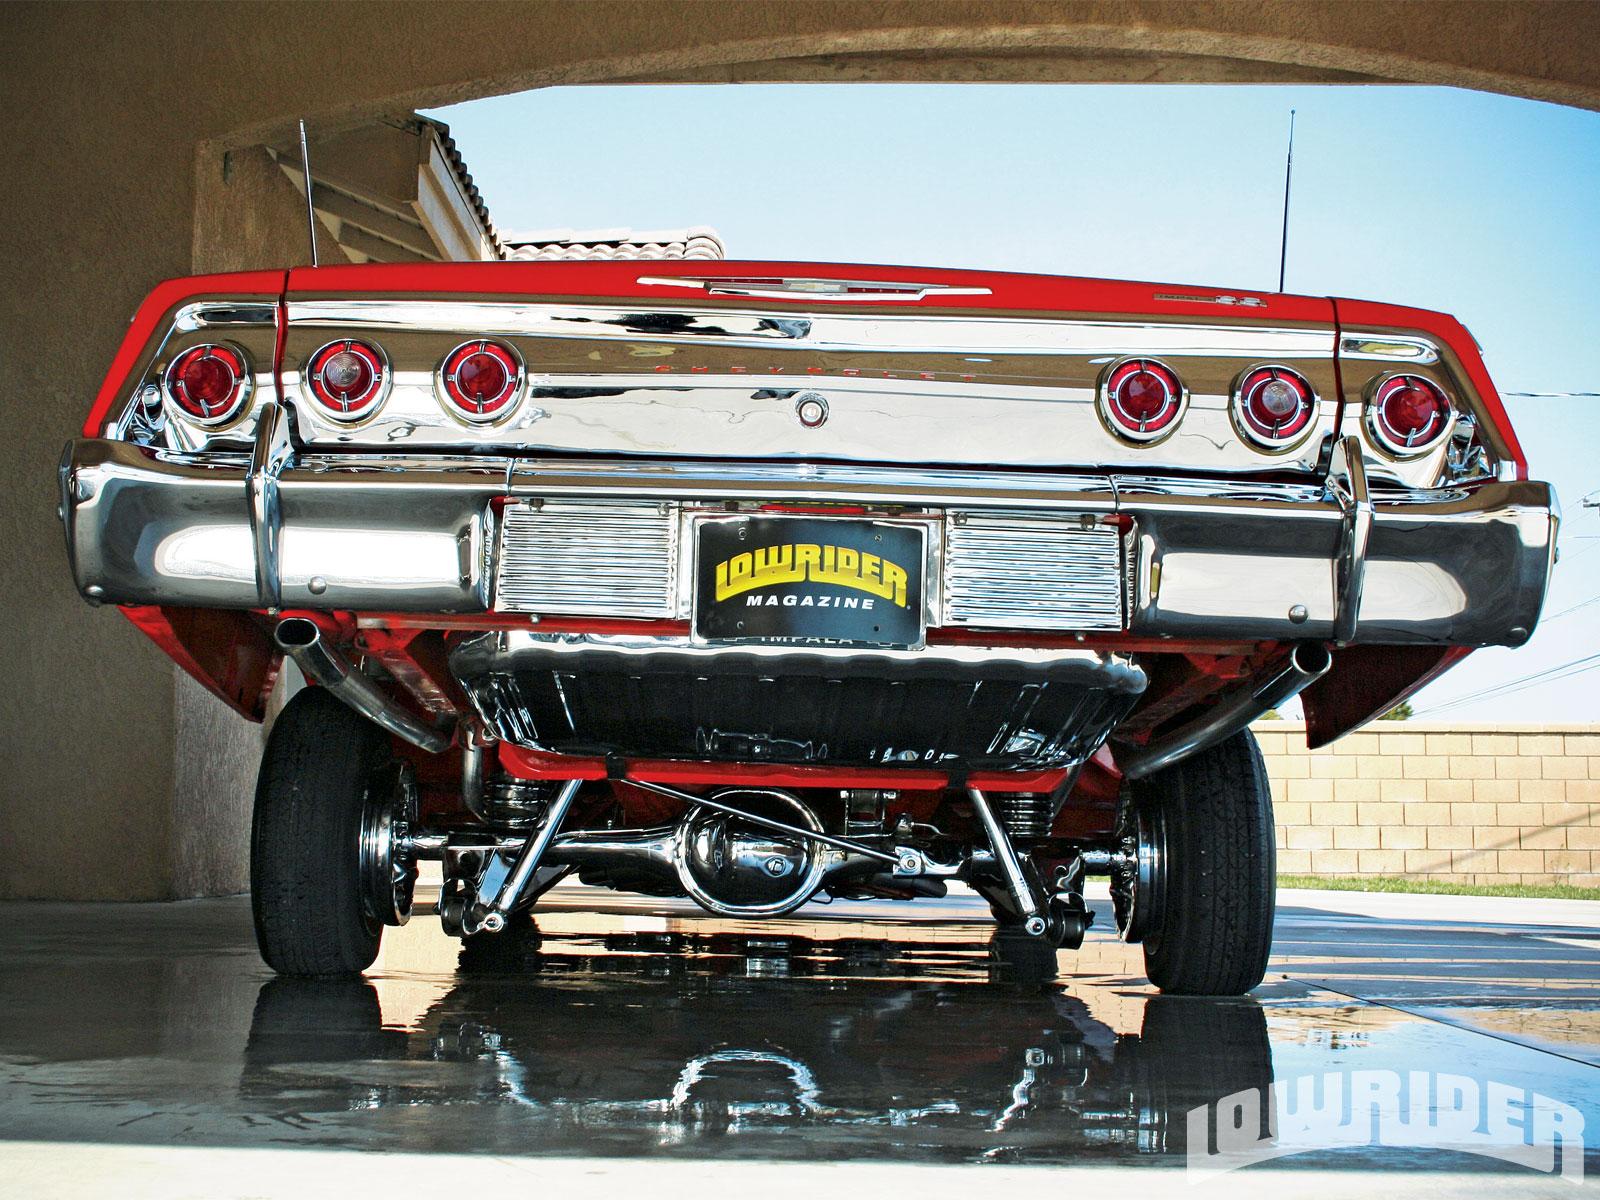 2009 Chevrolet Impala Ss >> 1962 Chevrolet Impala SS - GM 327-c.i.d. V8 Engine - Lowrider Magazine